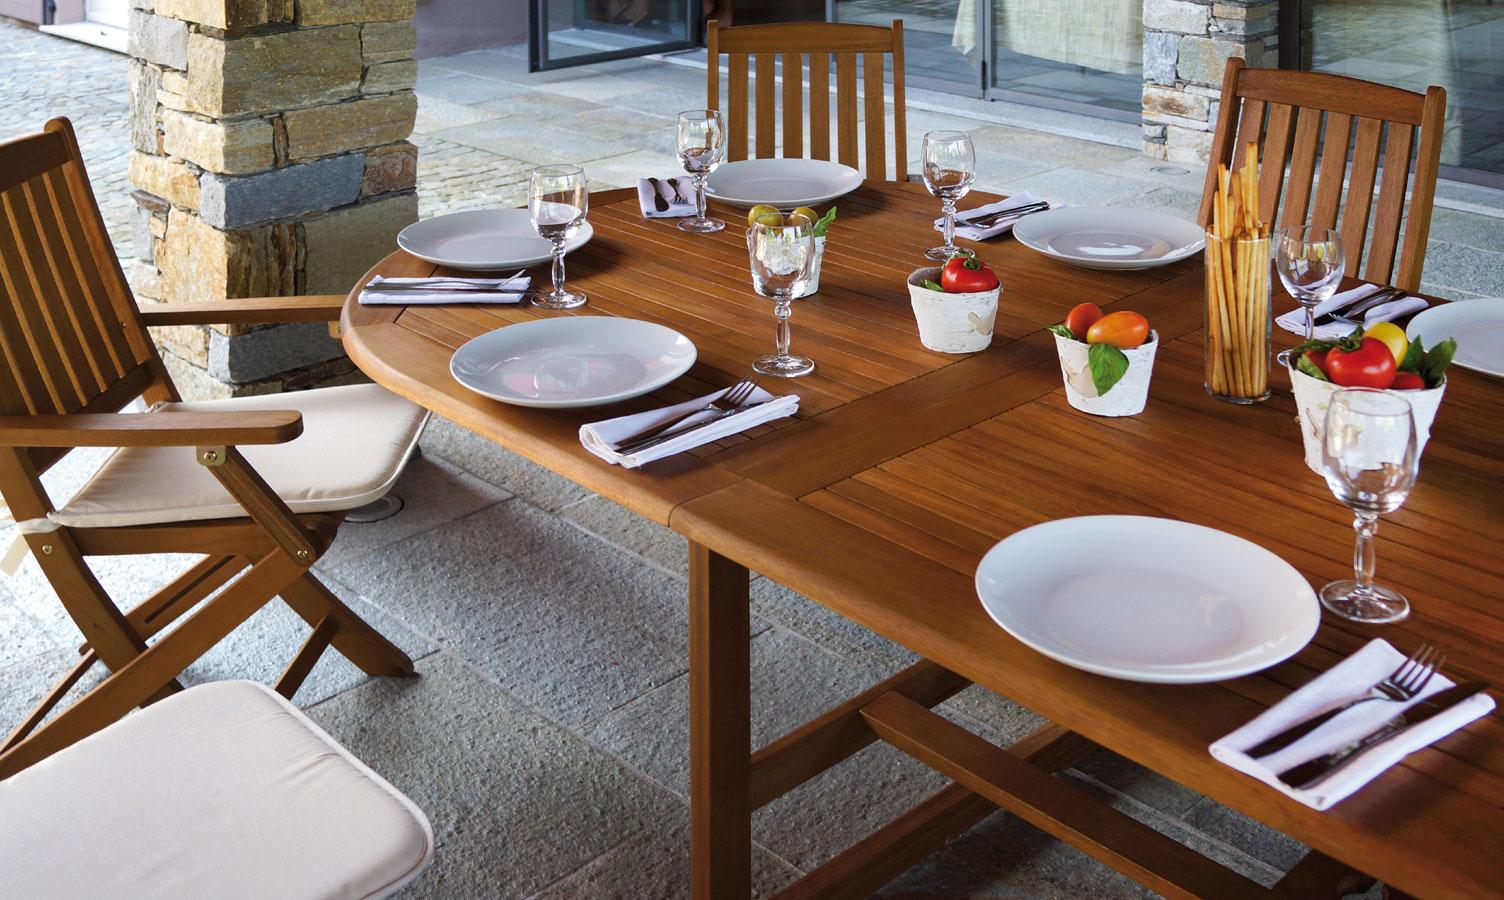 Tavolo ovale malaga allungabile 200 280 x 110 cm ota 312 for Tavolo ovale ikea